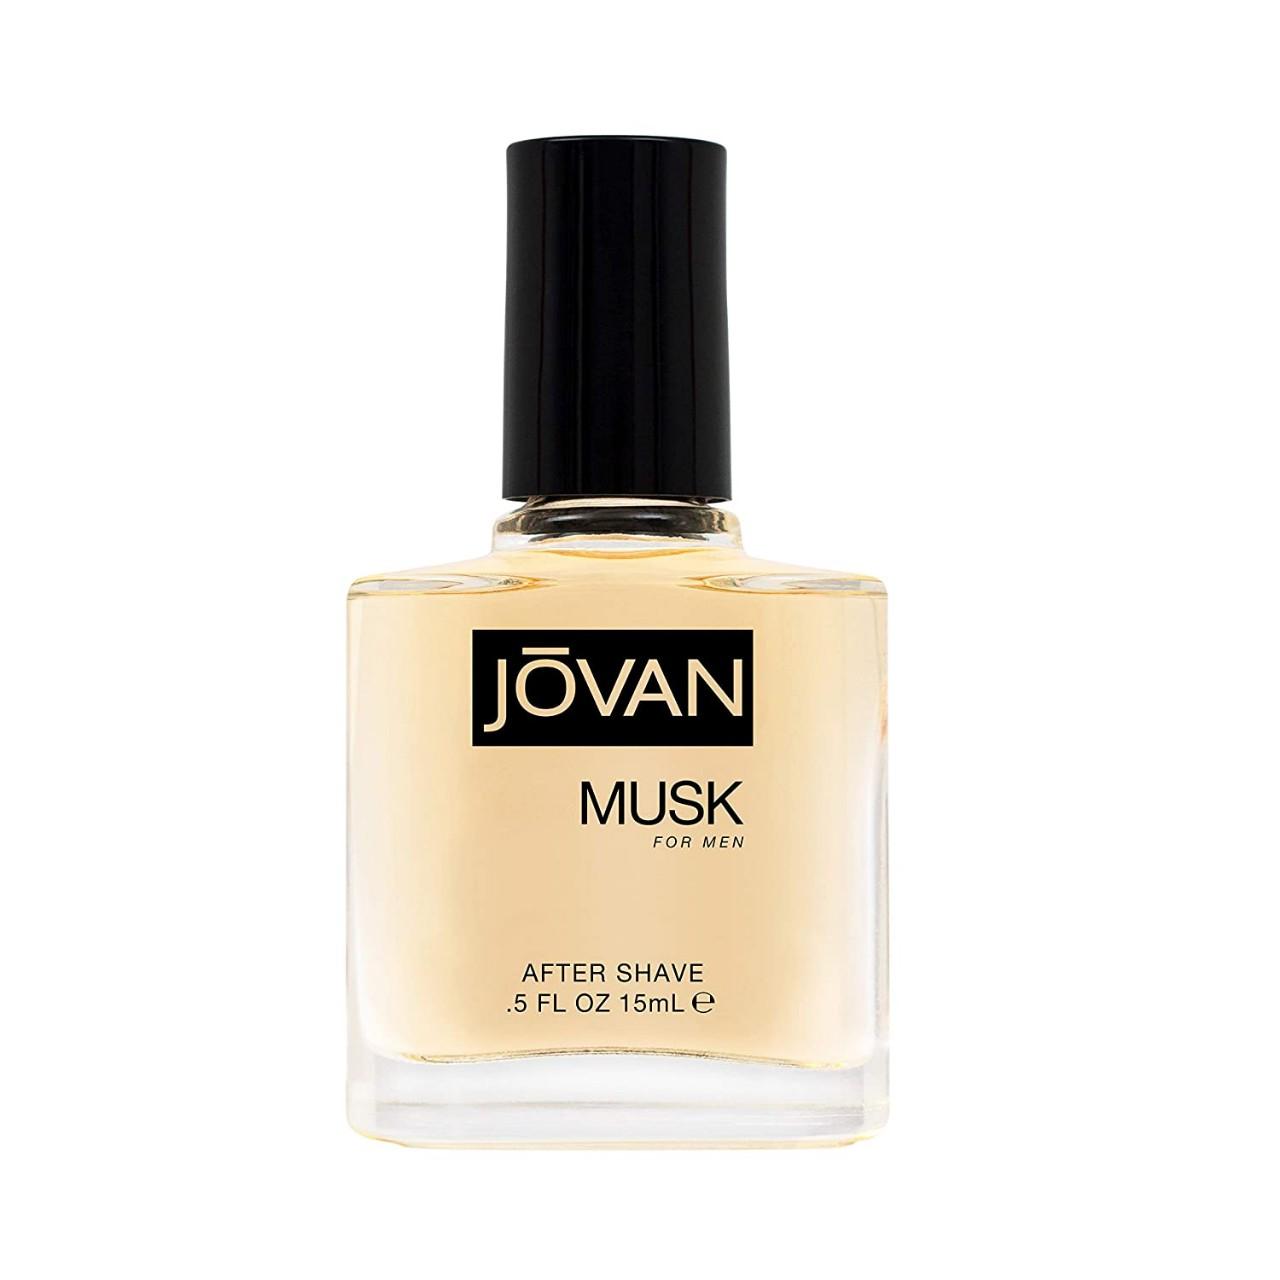 Jovan Musk for Men After Shave Stocking Stuffer